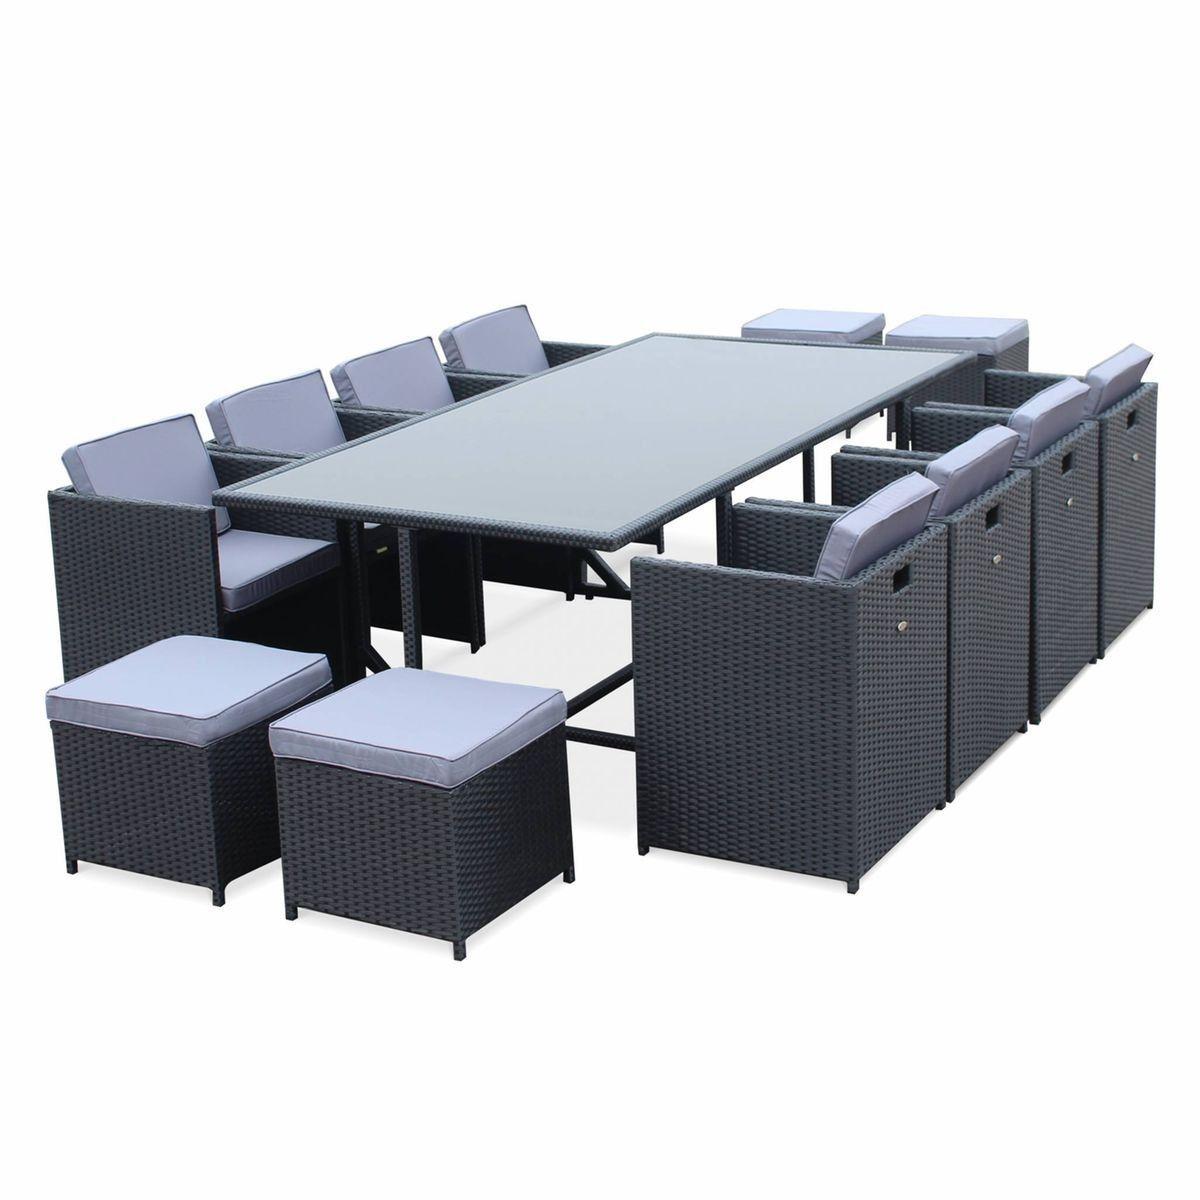 Salon De Jardin Vasto Noir Table En Résine Tressée 8 À 12 ... intérieur Auchan Table De Jardin